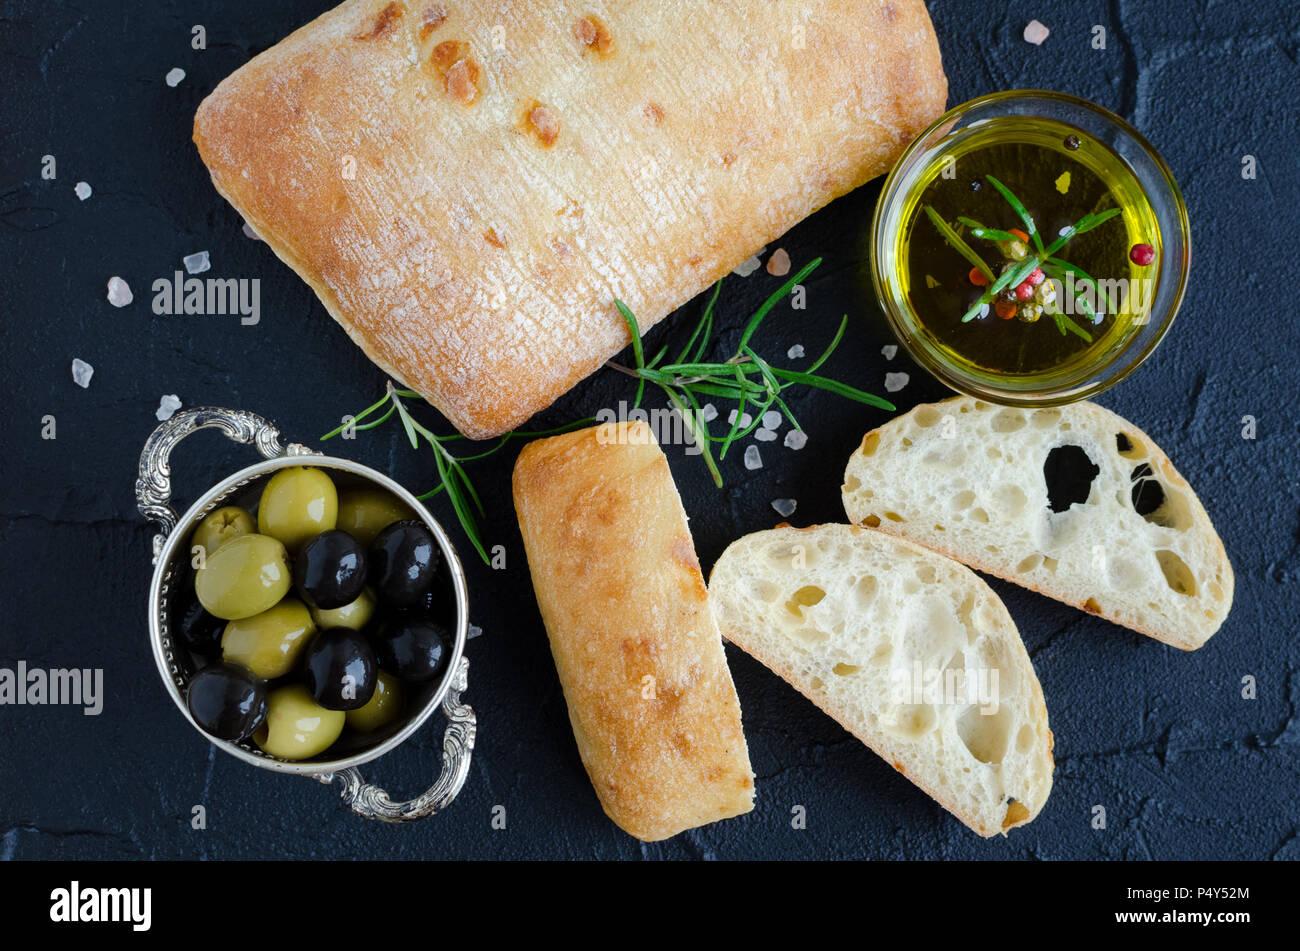 Tranches de pain fraîchement cuit au four traditionnel de pain italien pain ciabatta sur noir table de pierre avec le romarin, le sel, l'huile d'olive et d'olives. Concept de cuisine italienne. Photo Stock